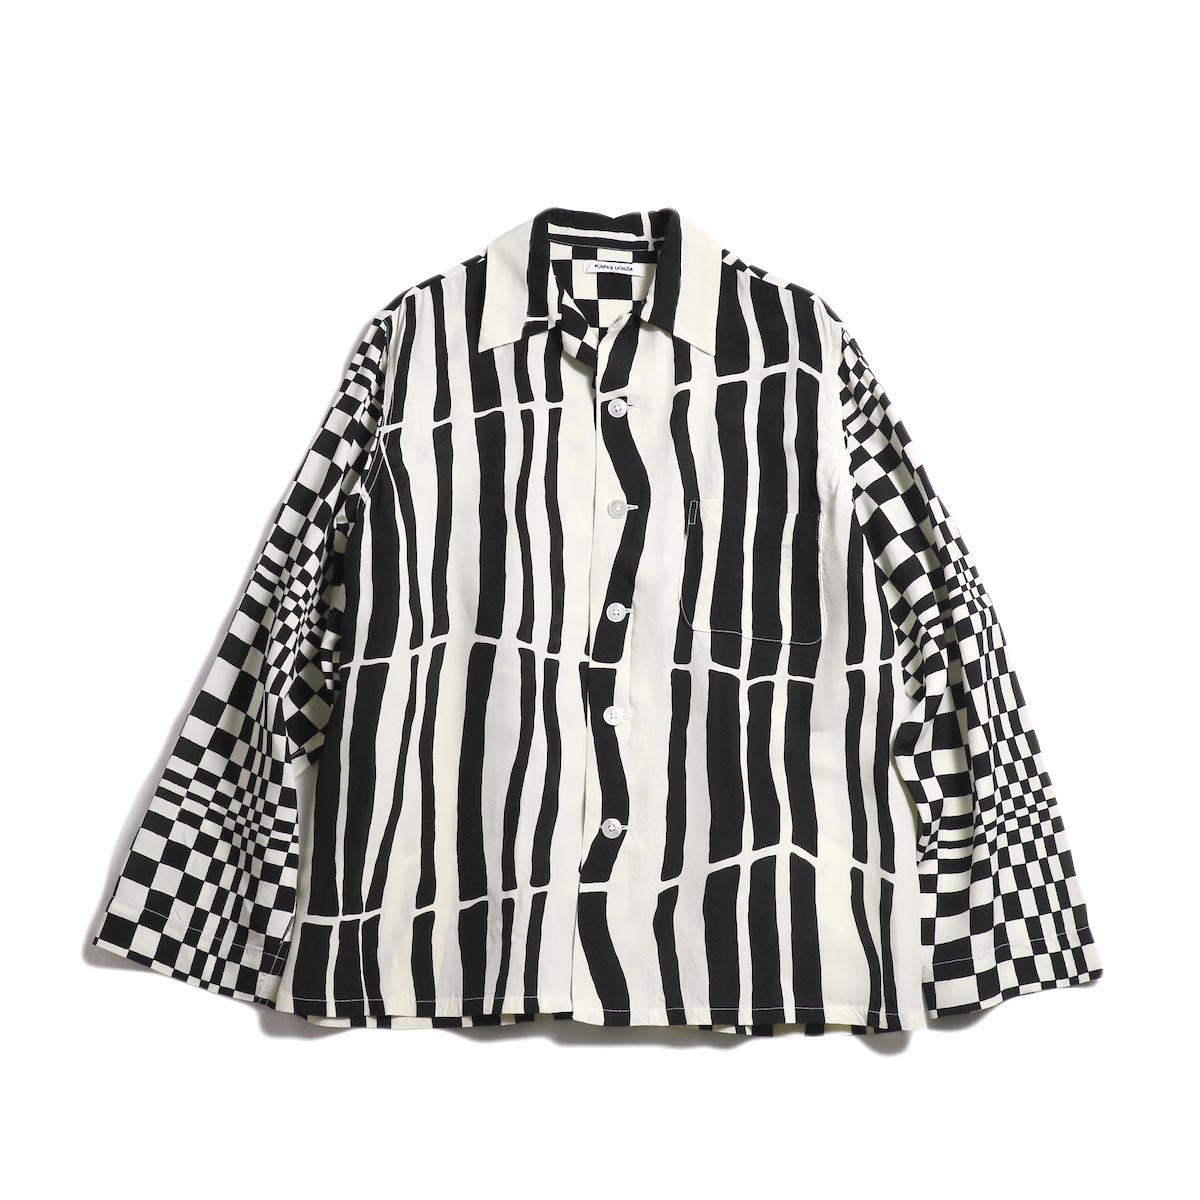 FUMIKA UCHIDA / Rayon_Crazy Open Collar Shirt -Ecru/Black